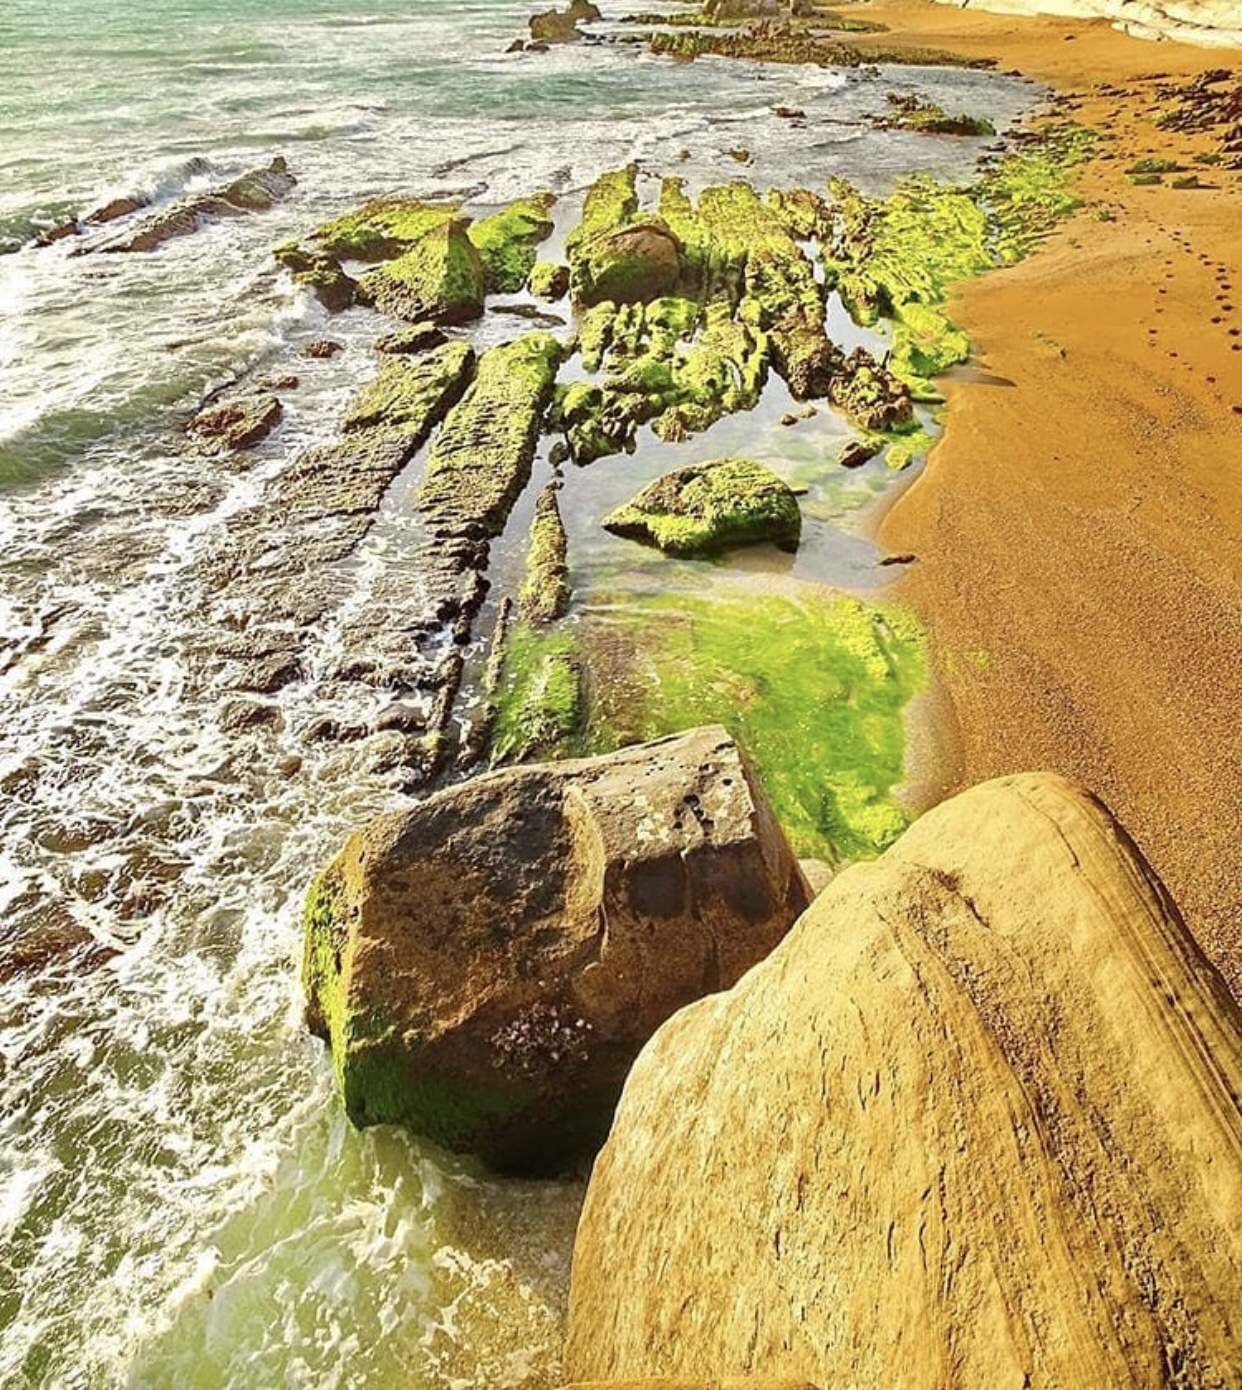 عدسة إيرانية: شاطئ بارسيان في هرمزگان جنوبي ايران 3